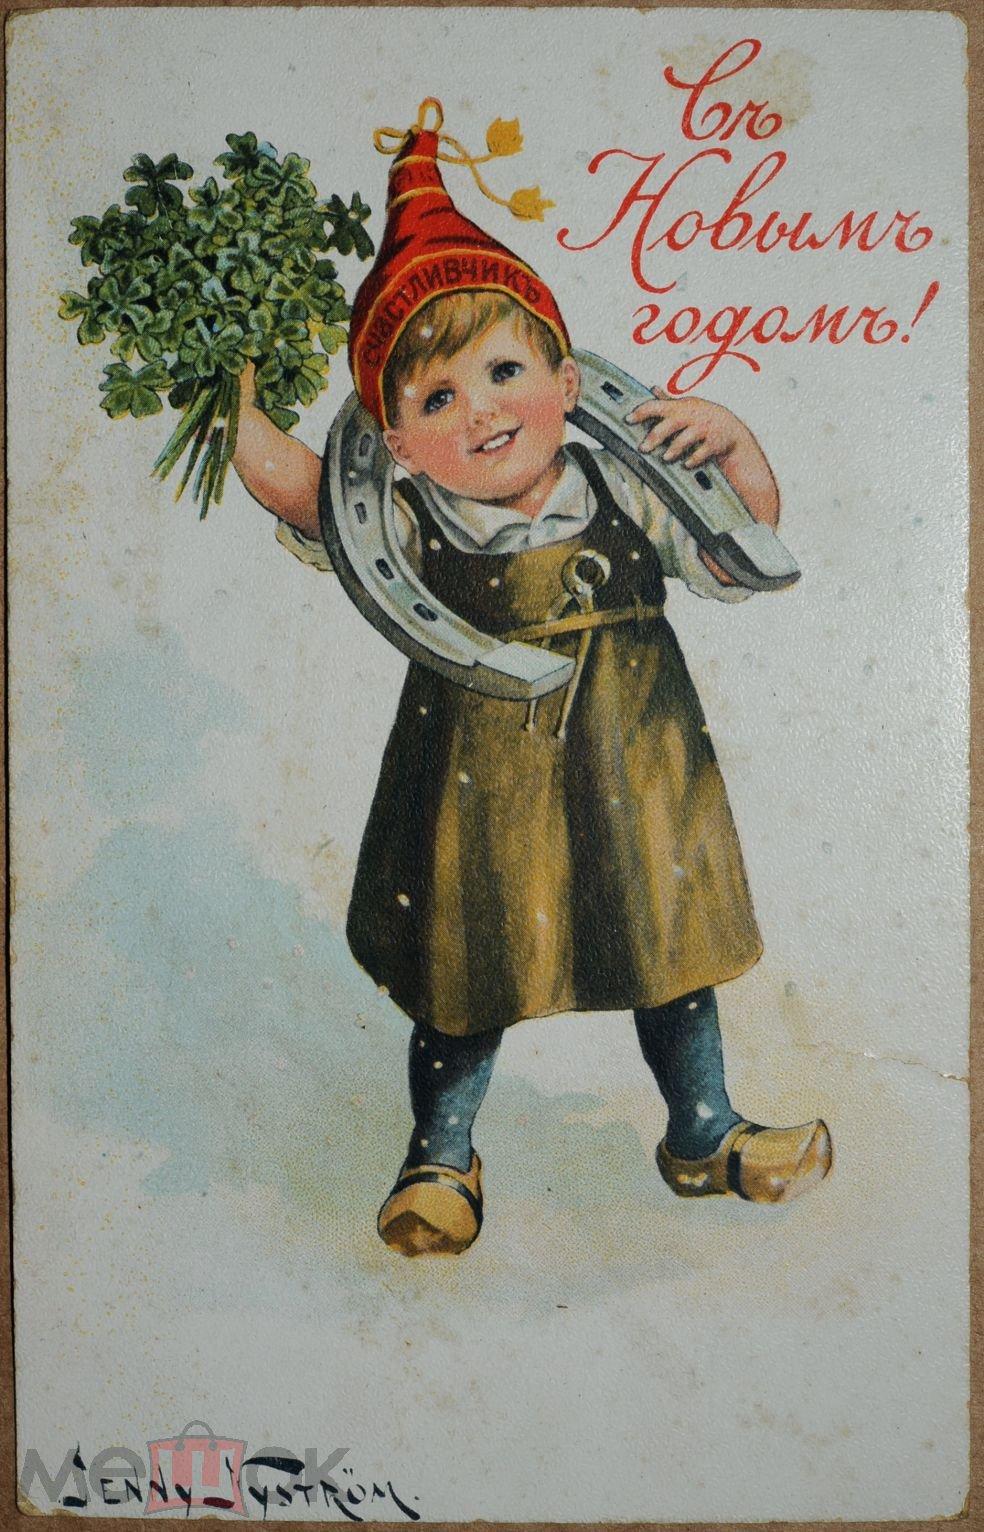 Дурацкие дореволюционные открытки с новым годом, днем